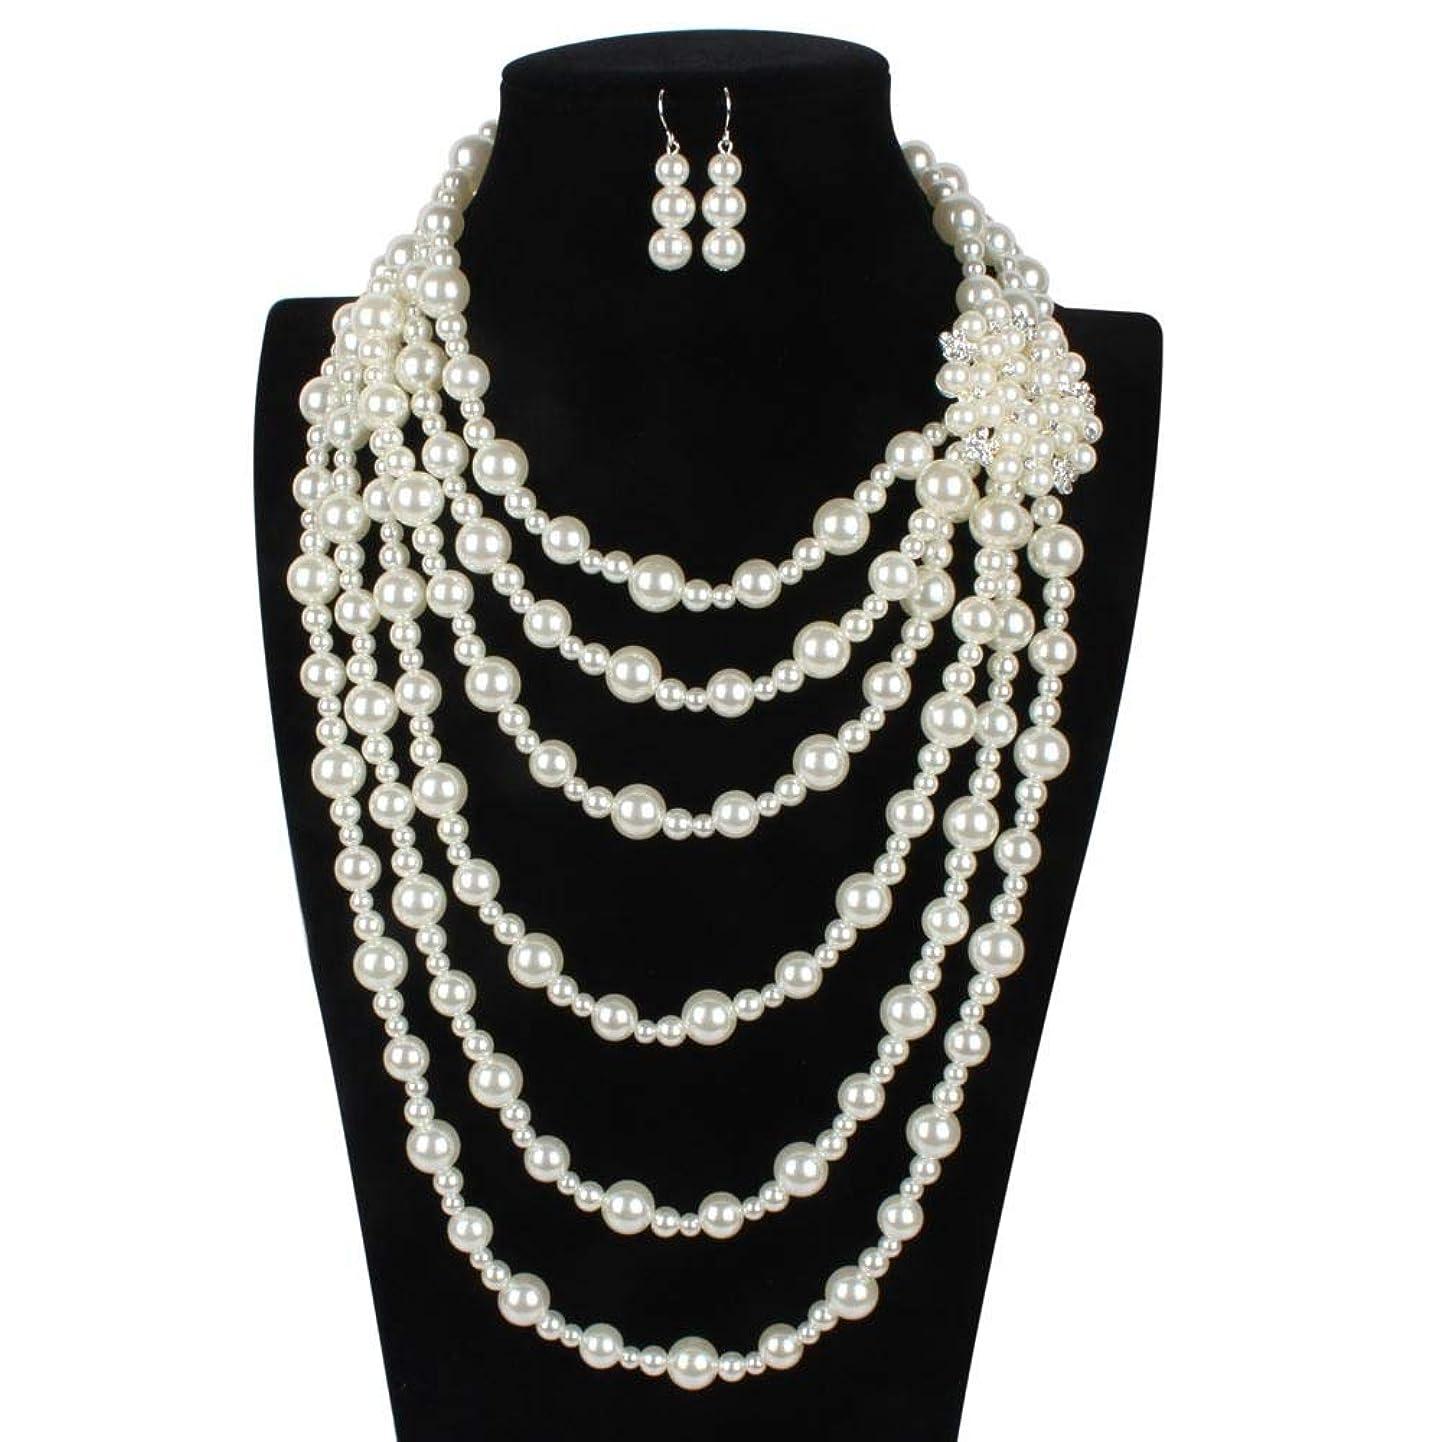 作曲する延期する勢いジュエリーセット ヴィンテージ真珠のイヤリング付きヴィンテージブライダルジュエリーセットネックレス結婚式のアクセサリーセット イヤリングペンダントネックレスセット (Color : White, Size : Free size)